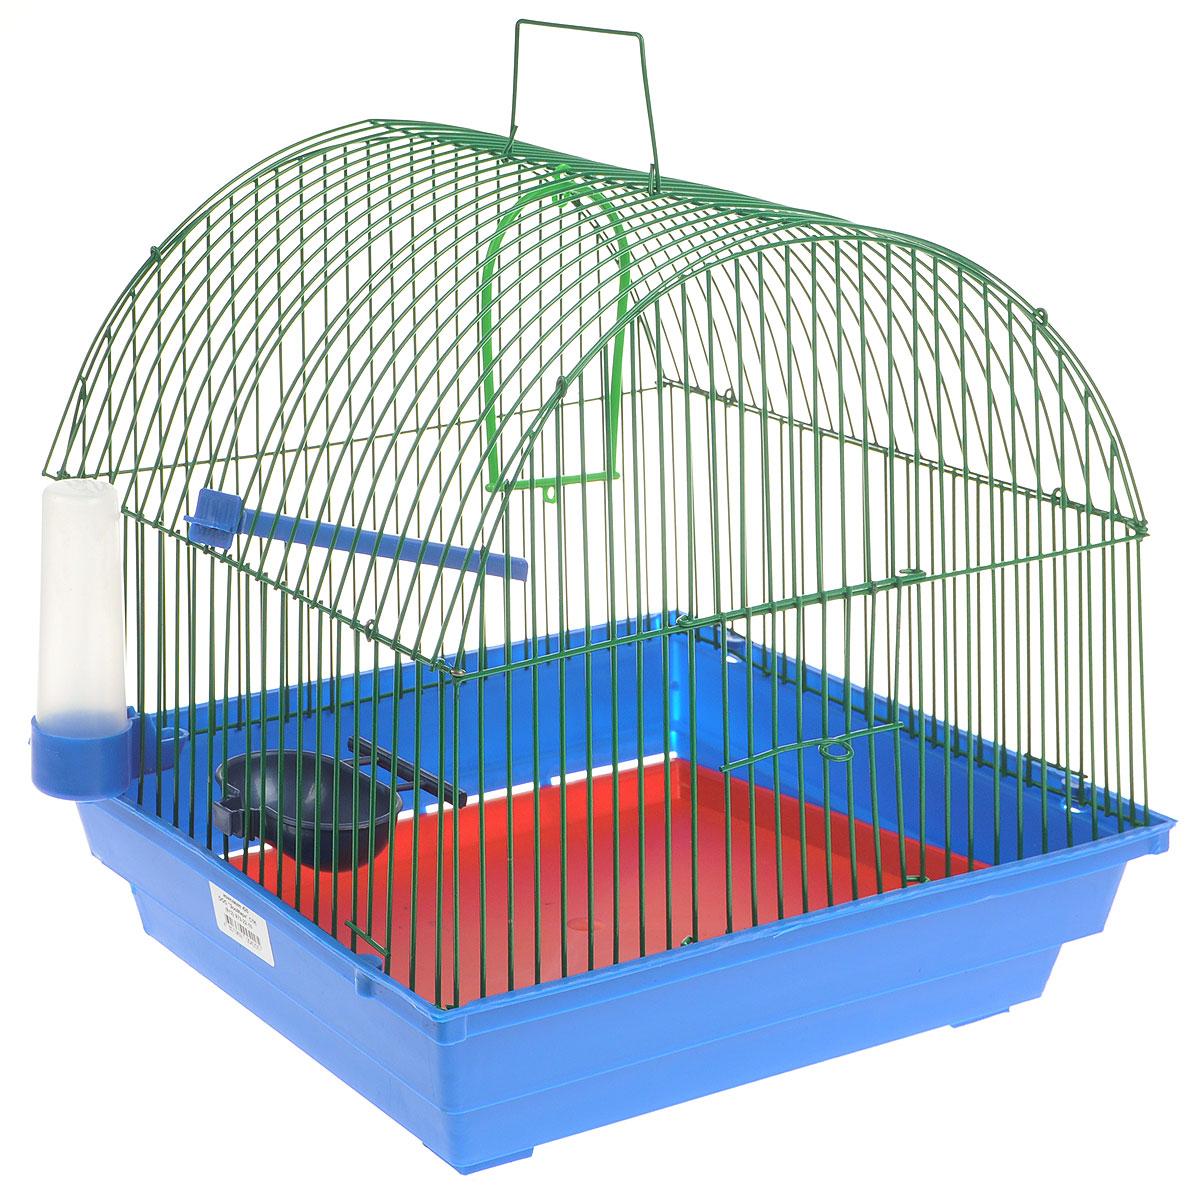 Клетка для птиц ЗооМарк, цвет: синий поддон, зеленая решетка, 35 х 28 х 34 см420_синий, зеленыйКлетка ЗооМарк, выполненная из полипропилена и металла с эмалированным покрытием, предназначена для мелких птиц. Изделие состоит из большого поддона и решетки. Клетка снабжена металлической дверцей. В основании клетки находится малый поддон. Клетка удобна в использовании и легко чистится. Она оснащена жердочкой, кольцом для птицы, поилкой, кормушкой и подвижной ручкой для удобной переноски. Комплектация: - клетка с поддоном, - малый поддон; - поилка; - кормушка; - кольцо.